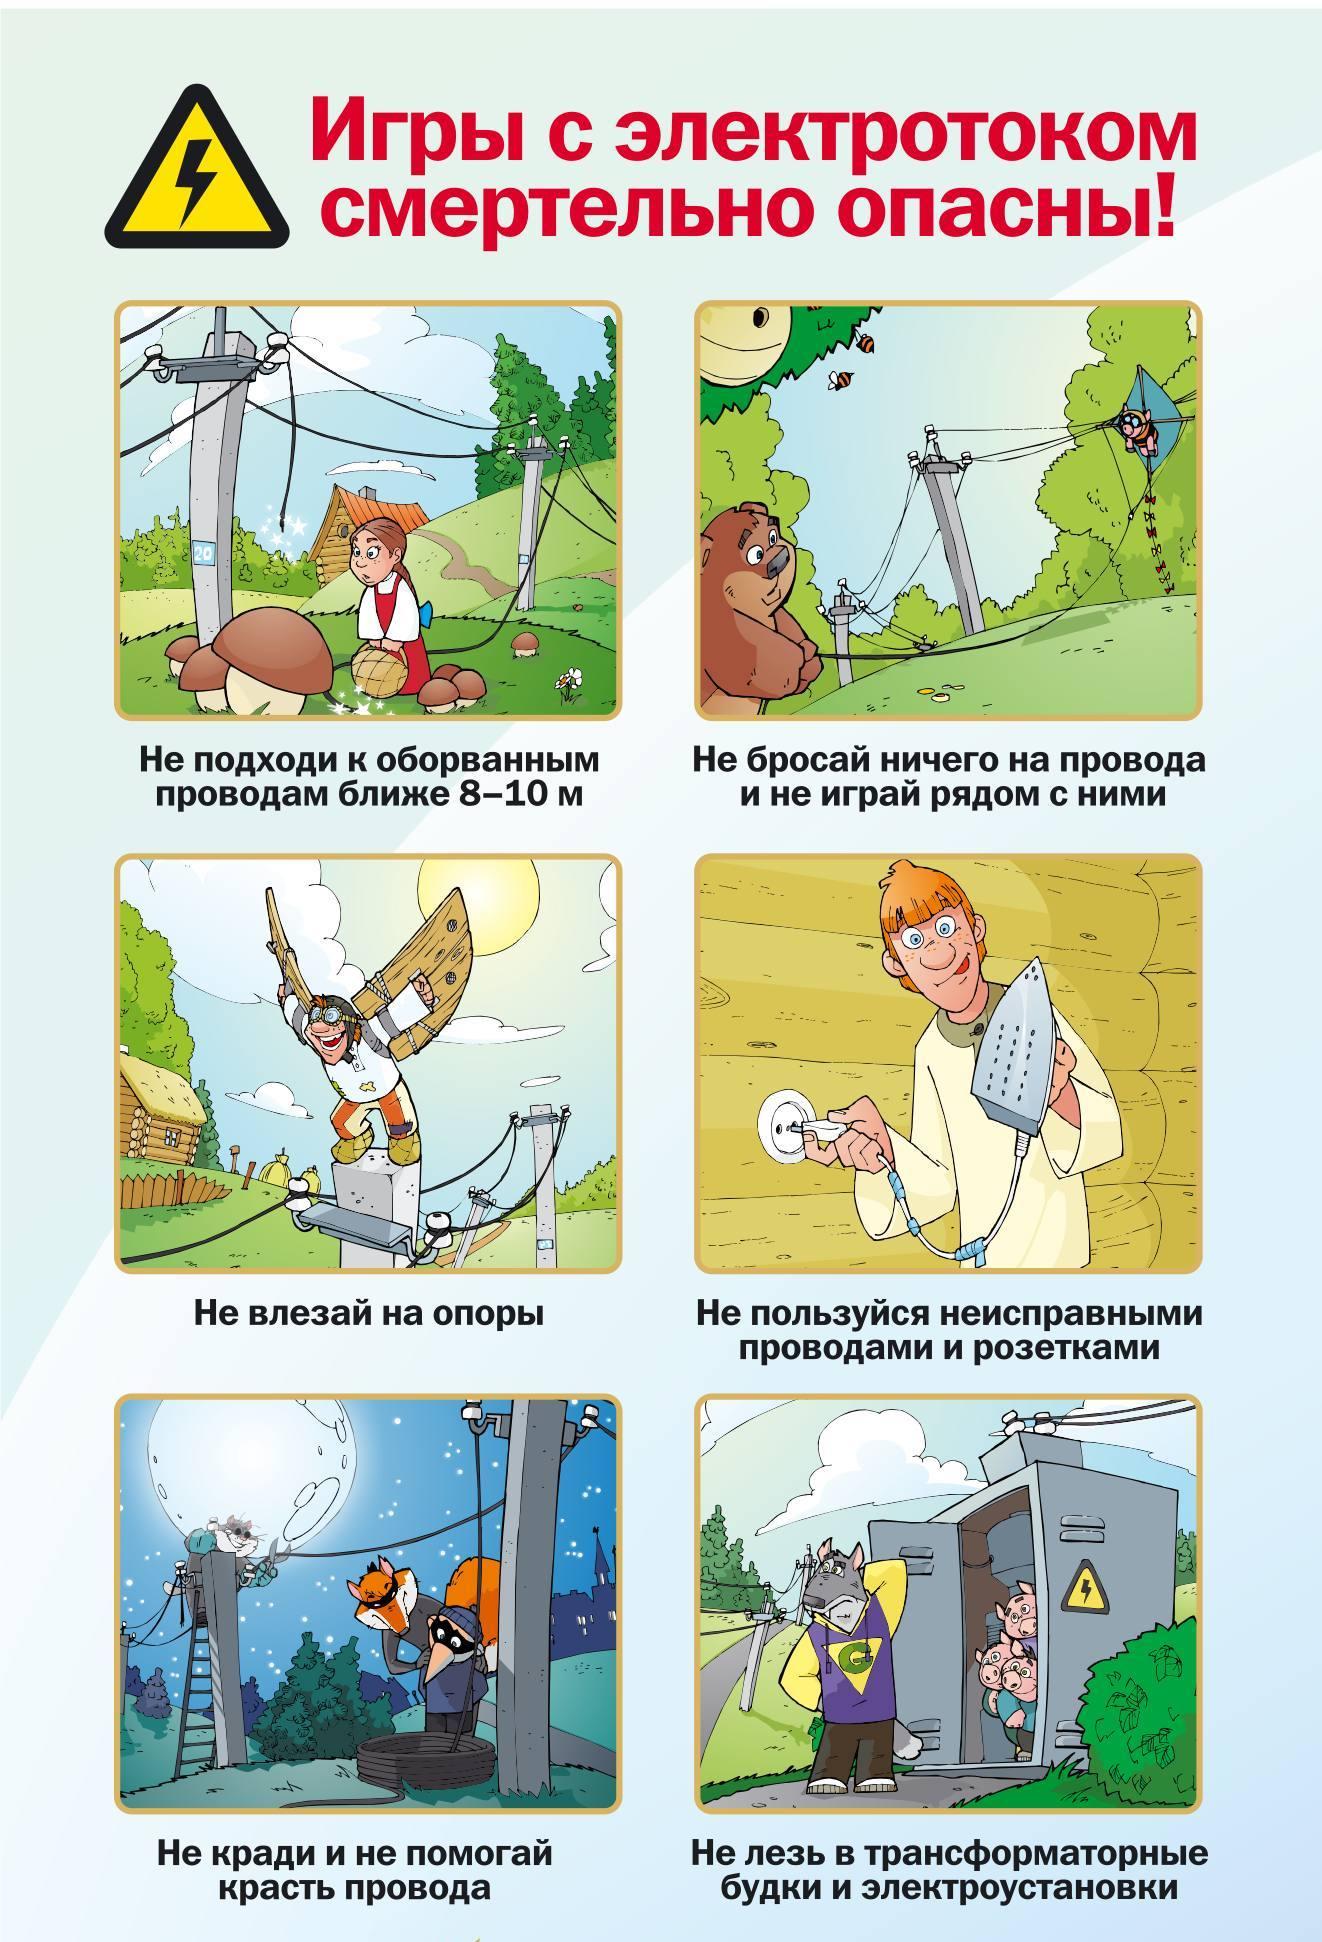 Сохранение здоровья на дороге плакат 8 фотография